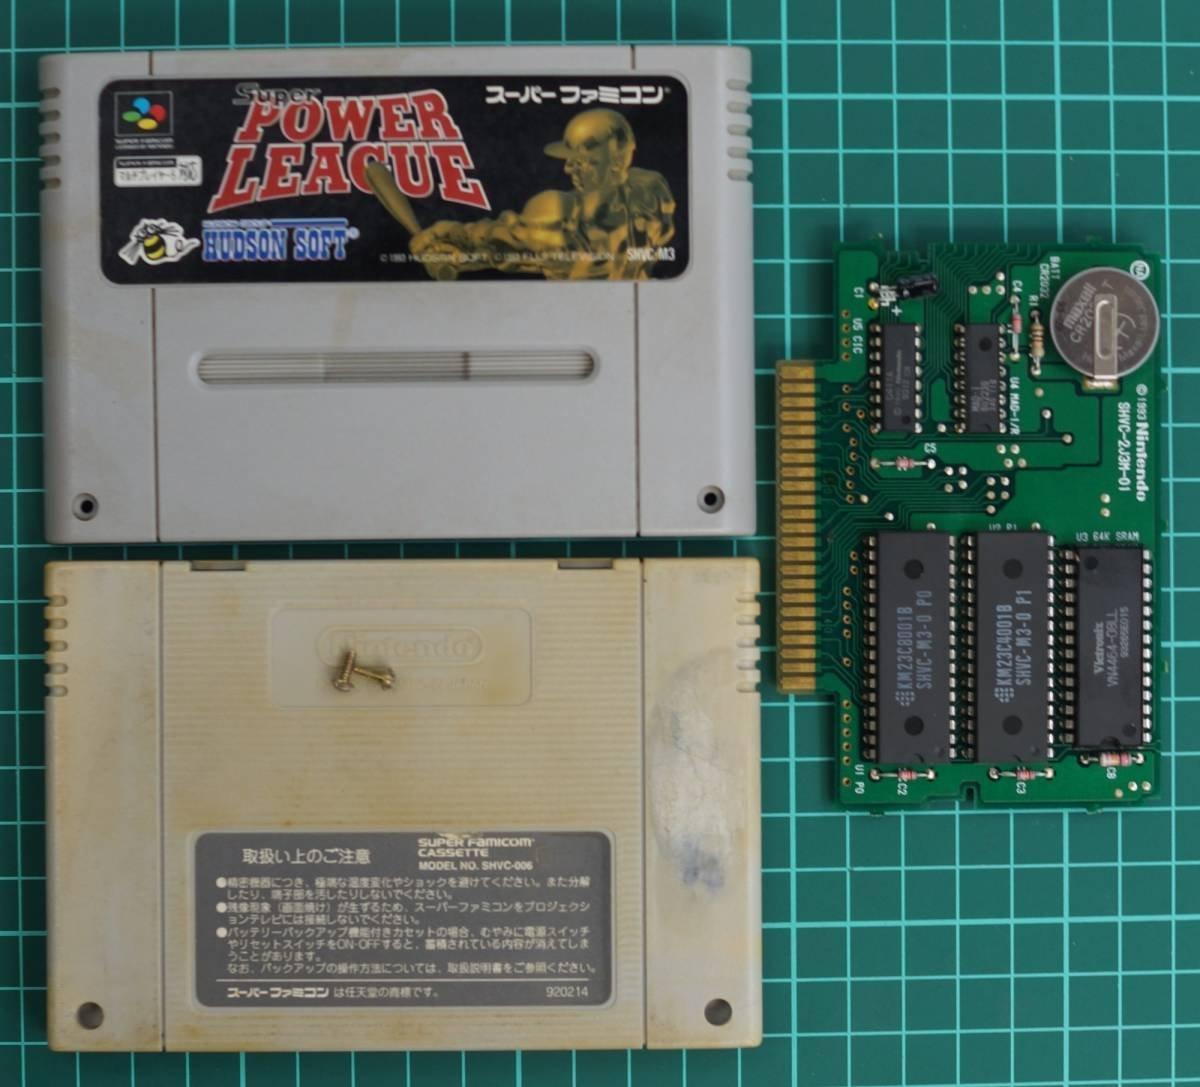 スーパーファミコン カートリッジ : スーパーパワーリーグ SHVC-M3